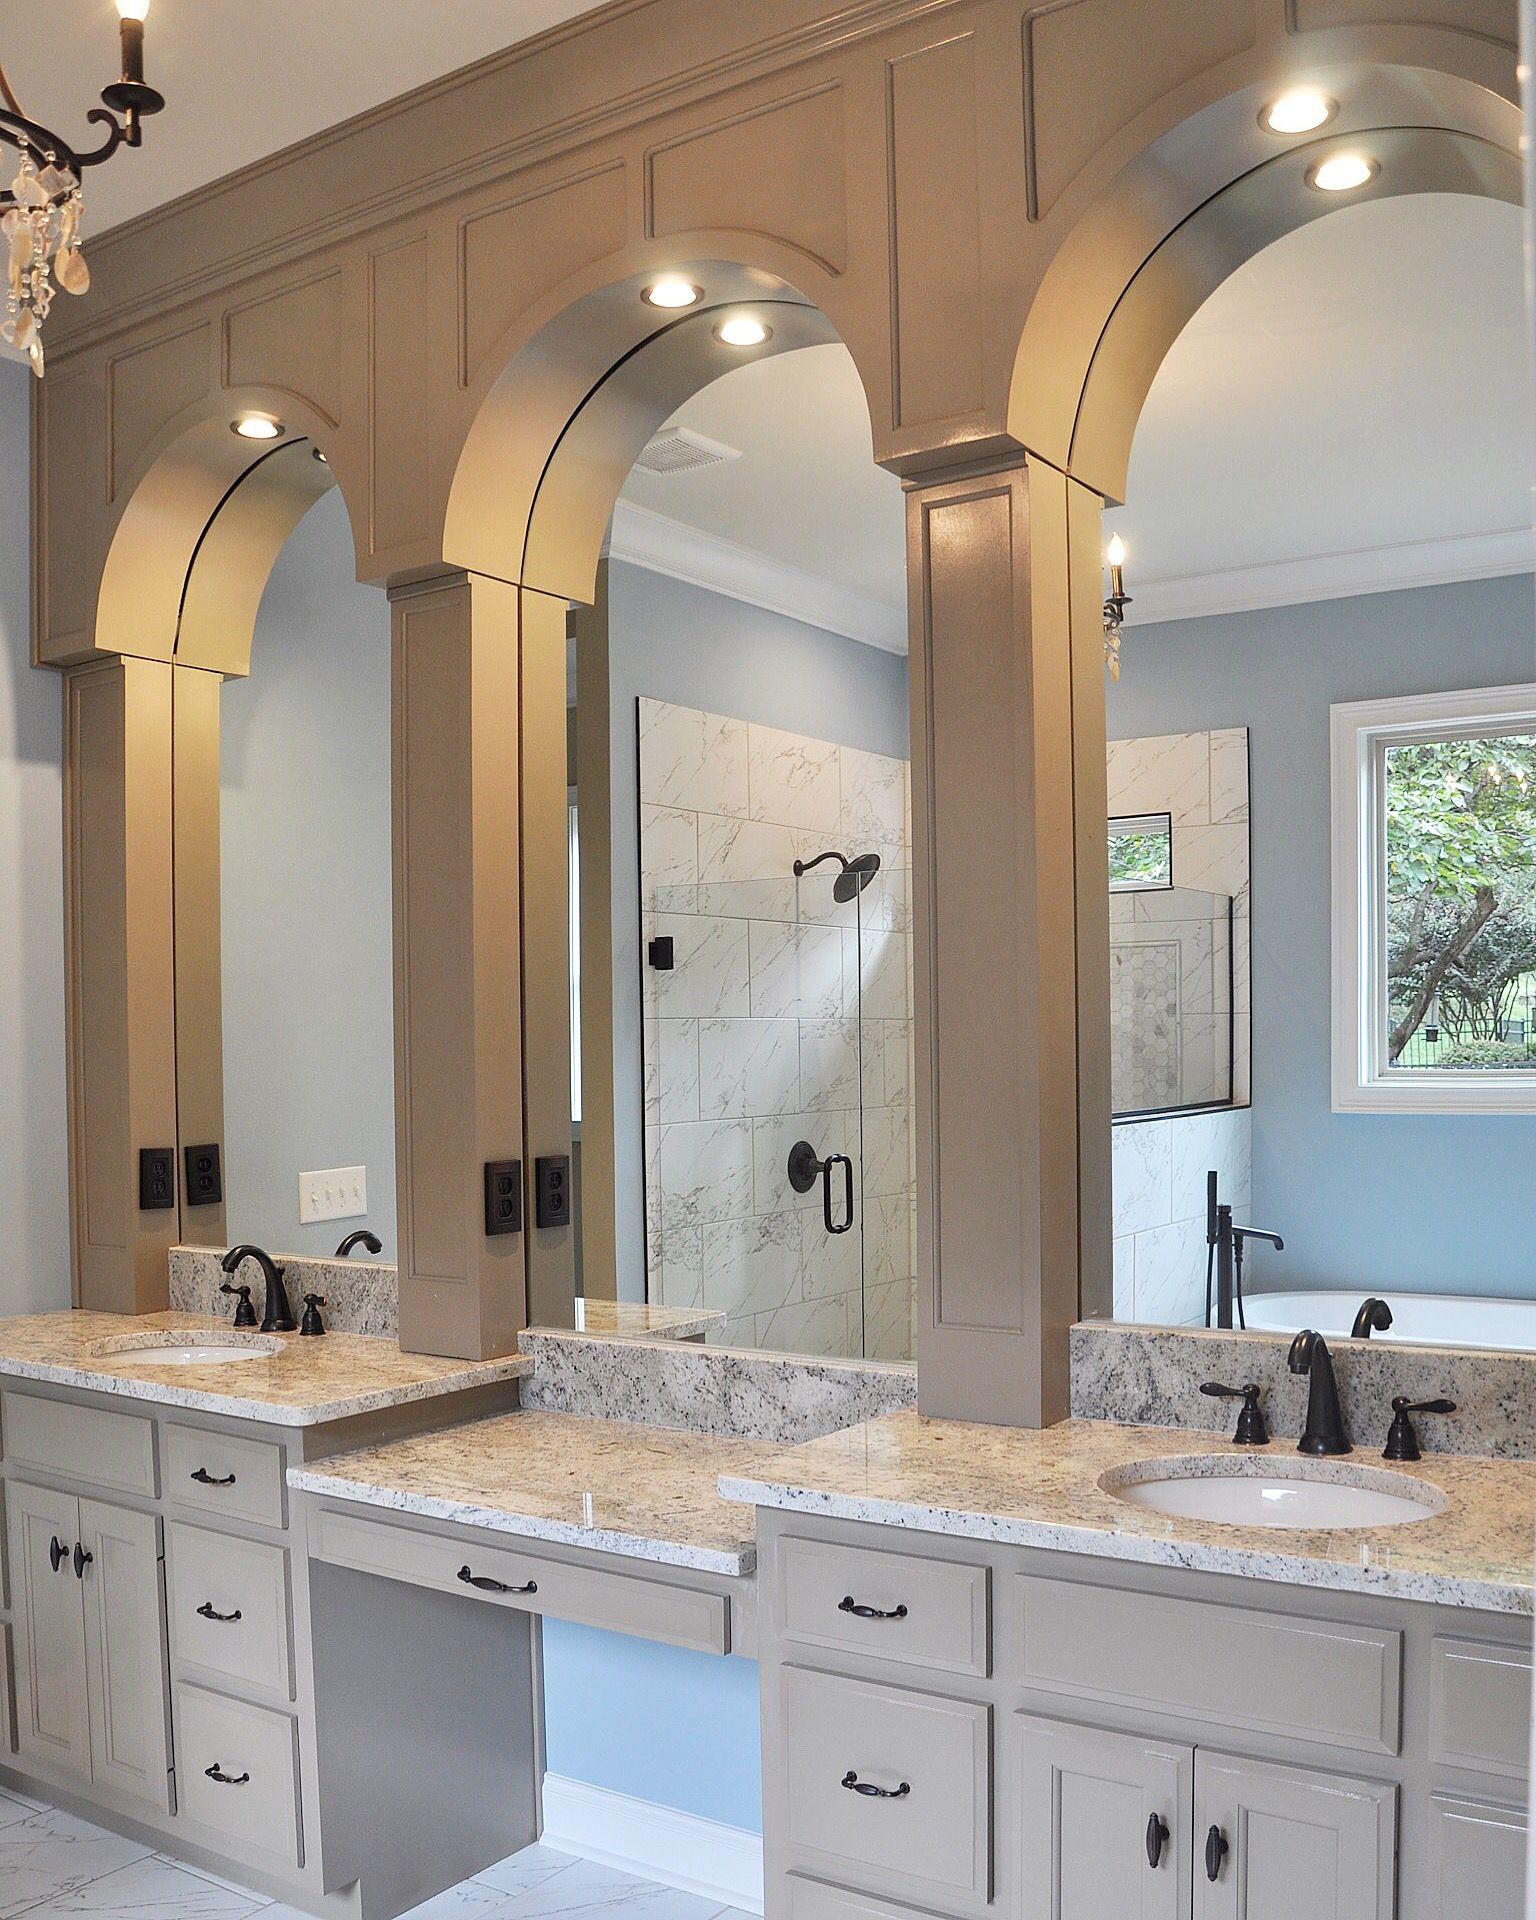 Master Bath Cabinets And Granite Countertops Bath Cabinets Countertops Granite Countertops